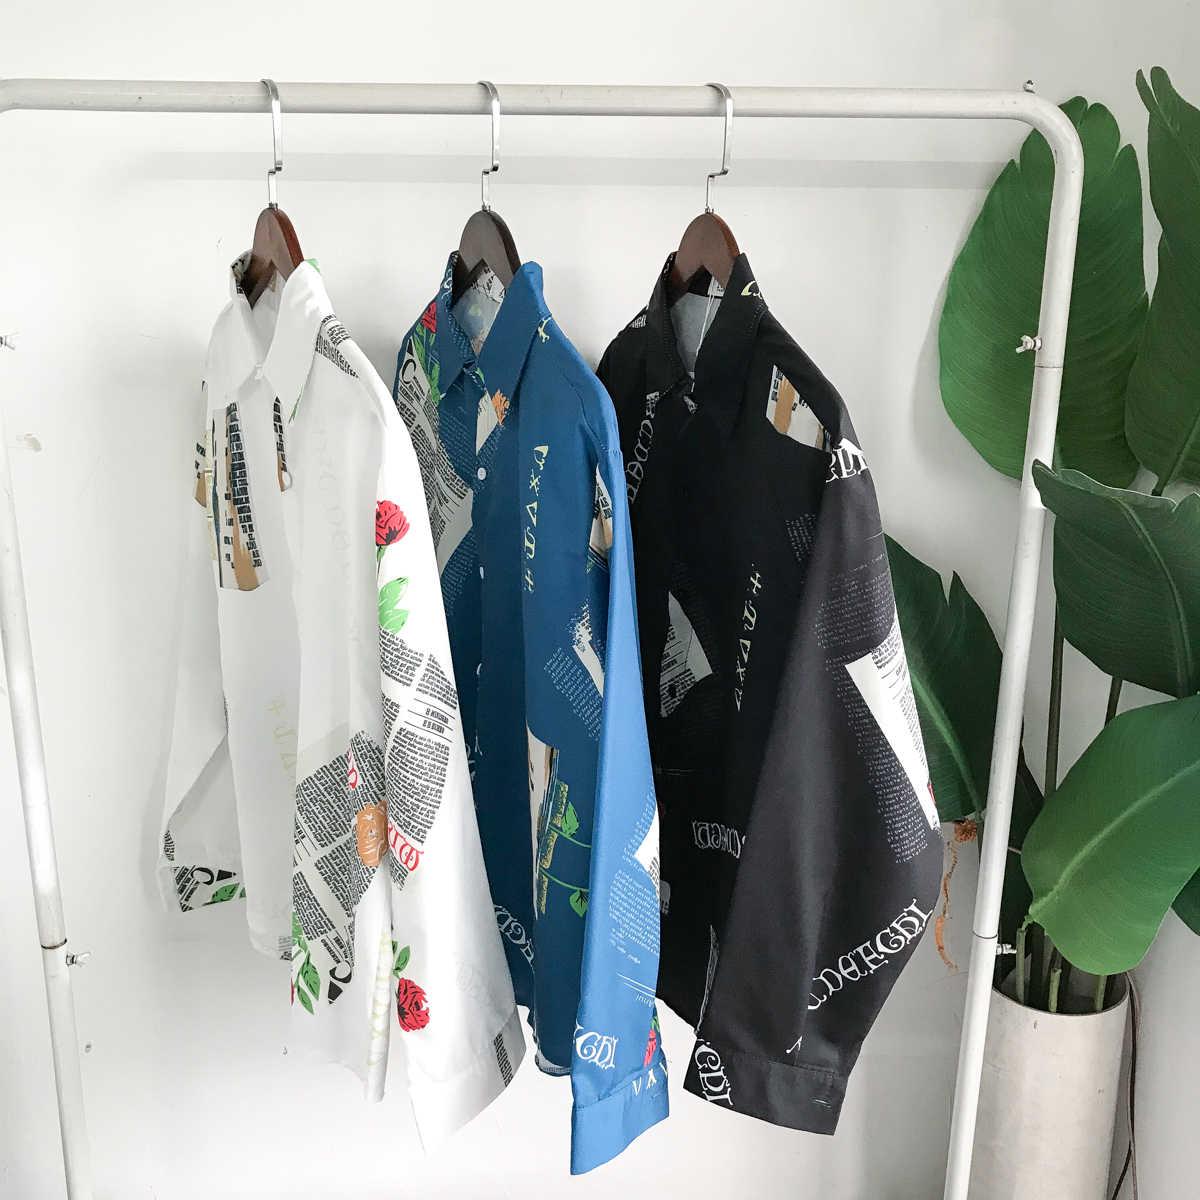 2019 весенняя одежда новая модель Мужская Джокер досуг Время Мужчины Гавайское Платье рубашка для студента повседневные мужские рубашки slim fit